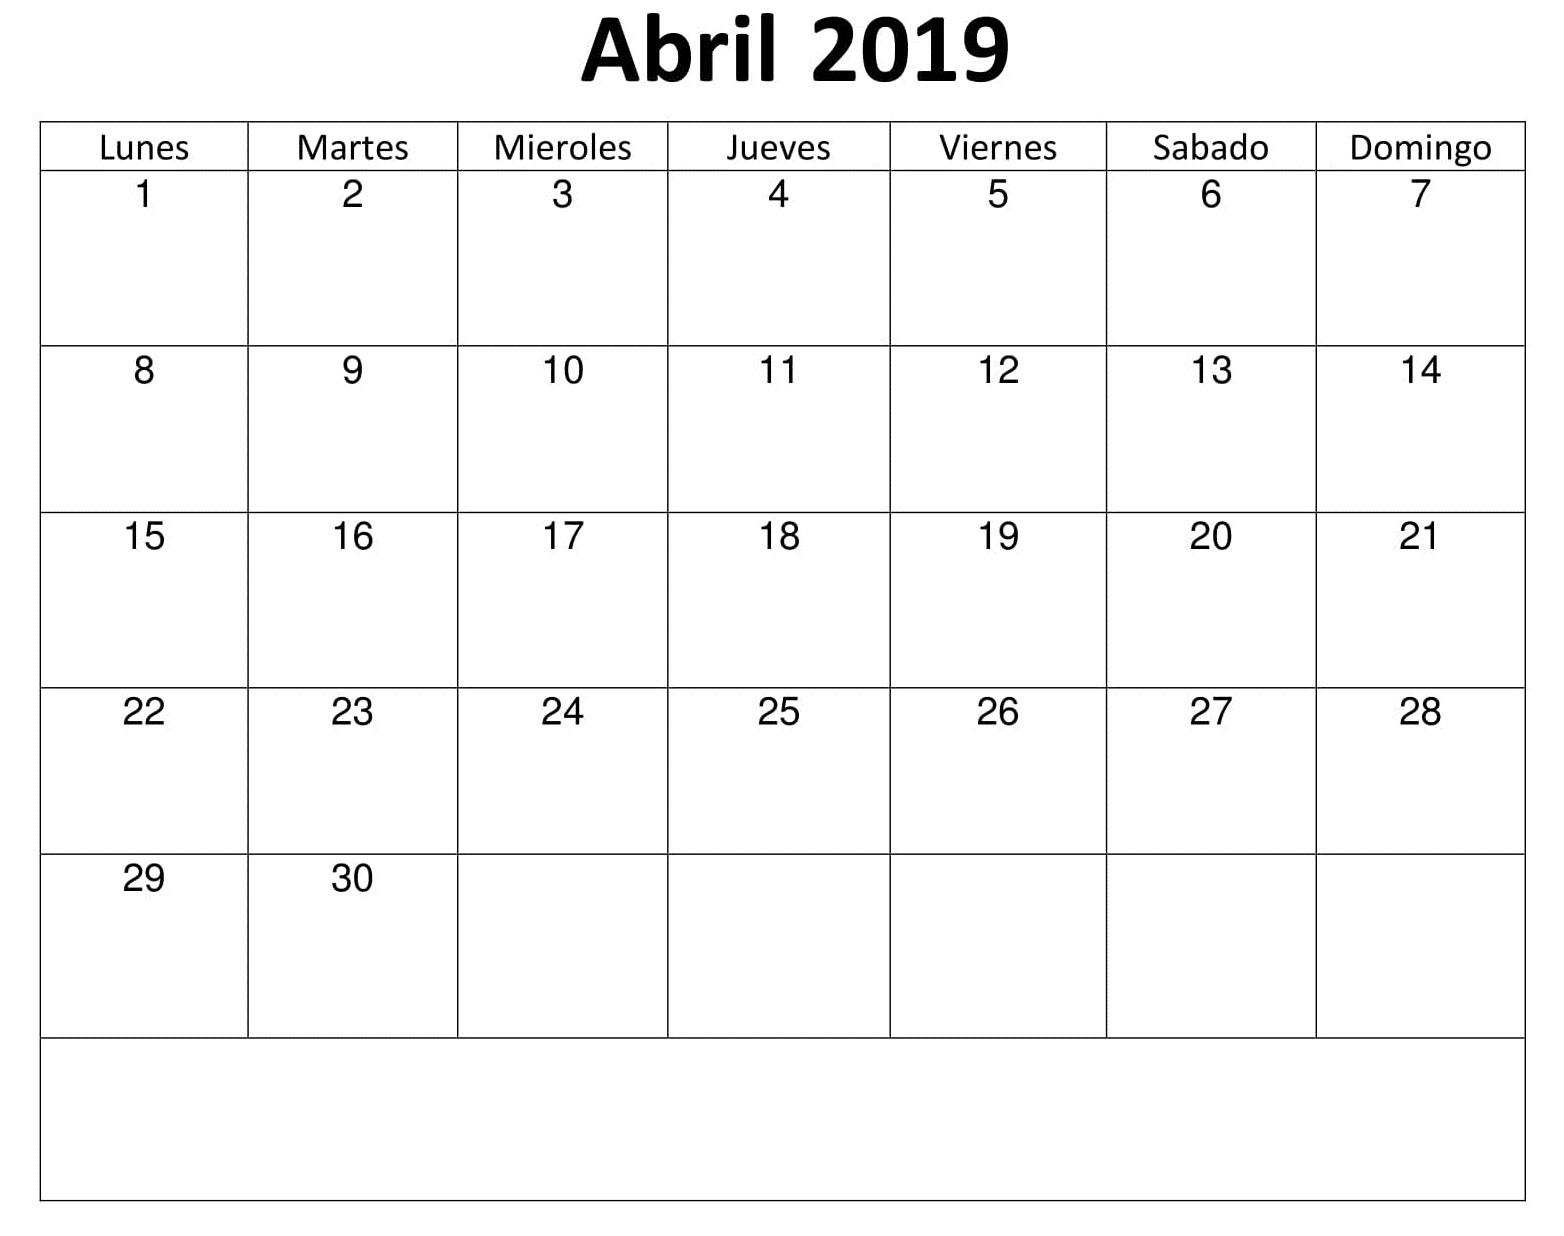 Calendario 2019 Com Feriado Para Imprimir Más Arriba-a-fecha Calendario Abril 2019 Para Imprimir T Of Calendario 2019 Com Feriado Para Imprimir Actual Calendario 2019 En Espaol Para Imprimir Gratis Jumabu T